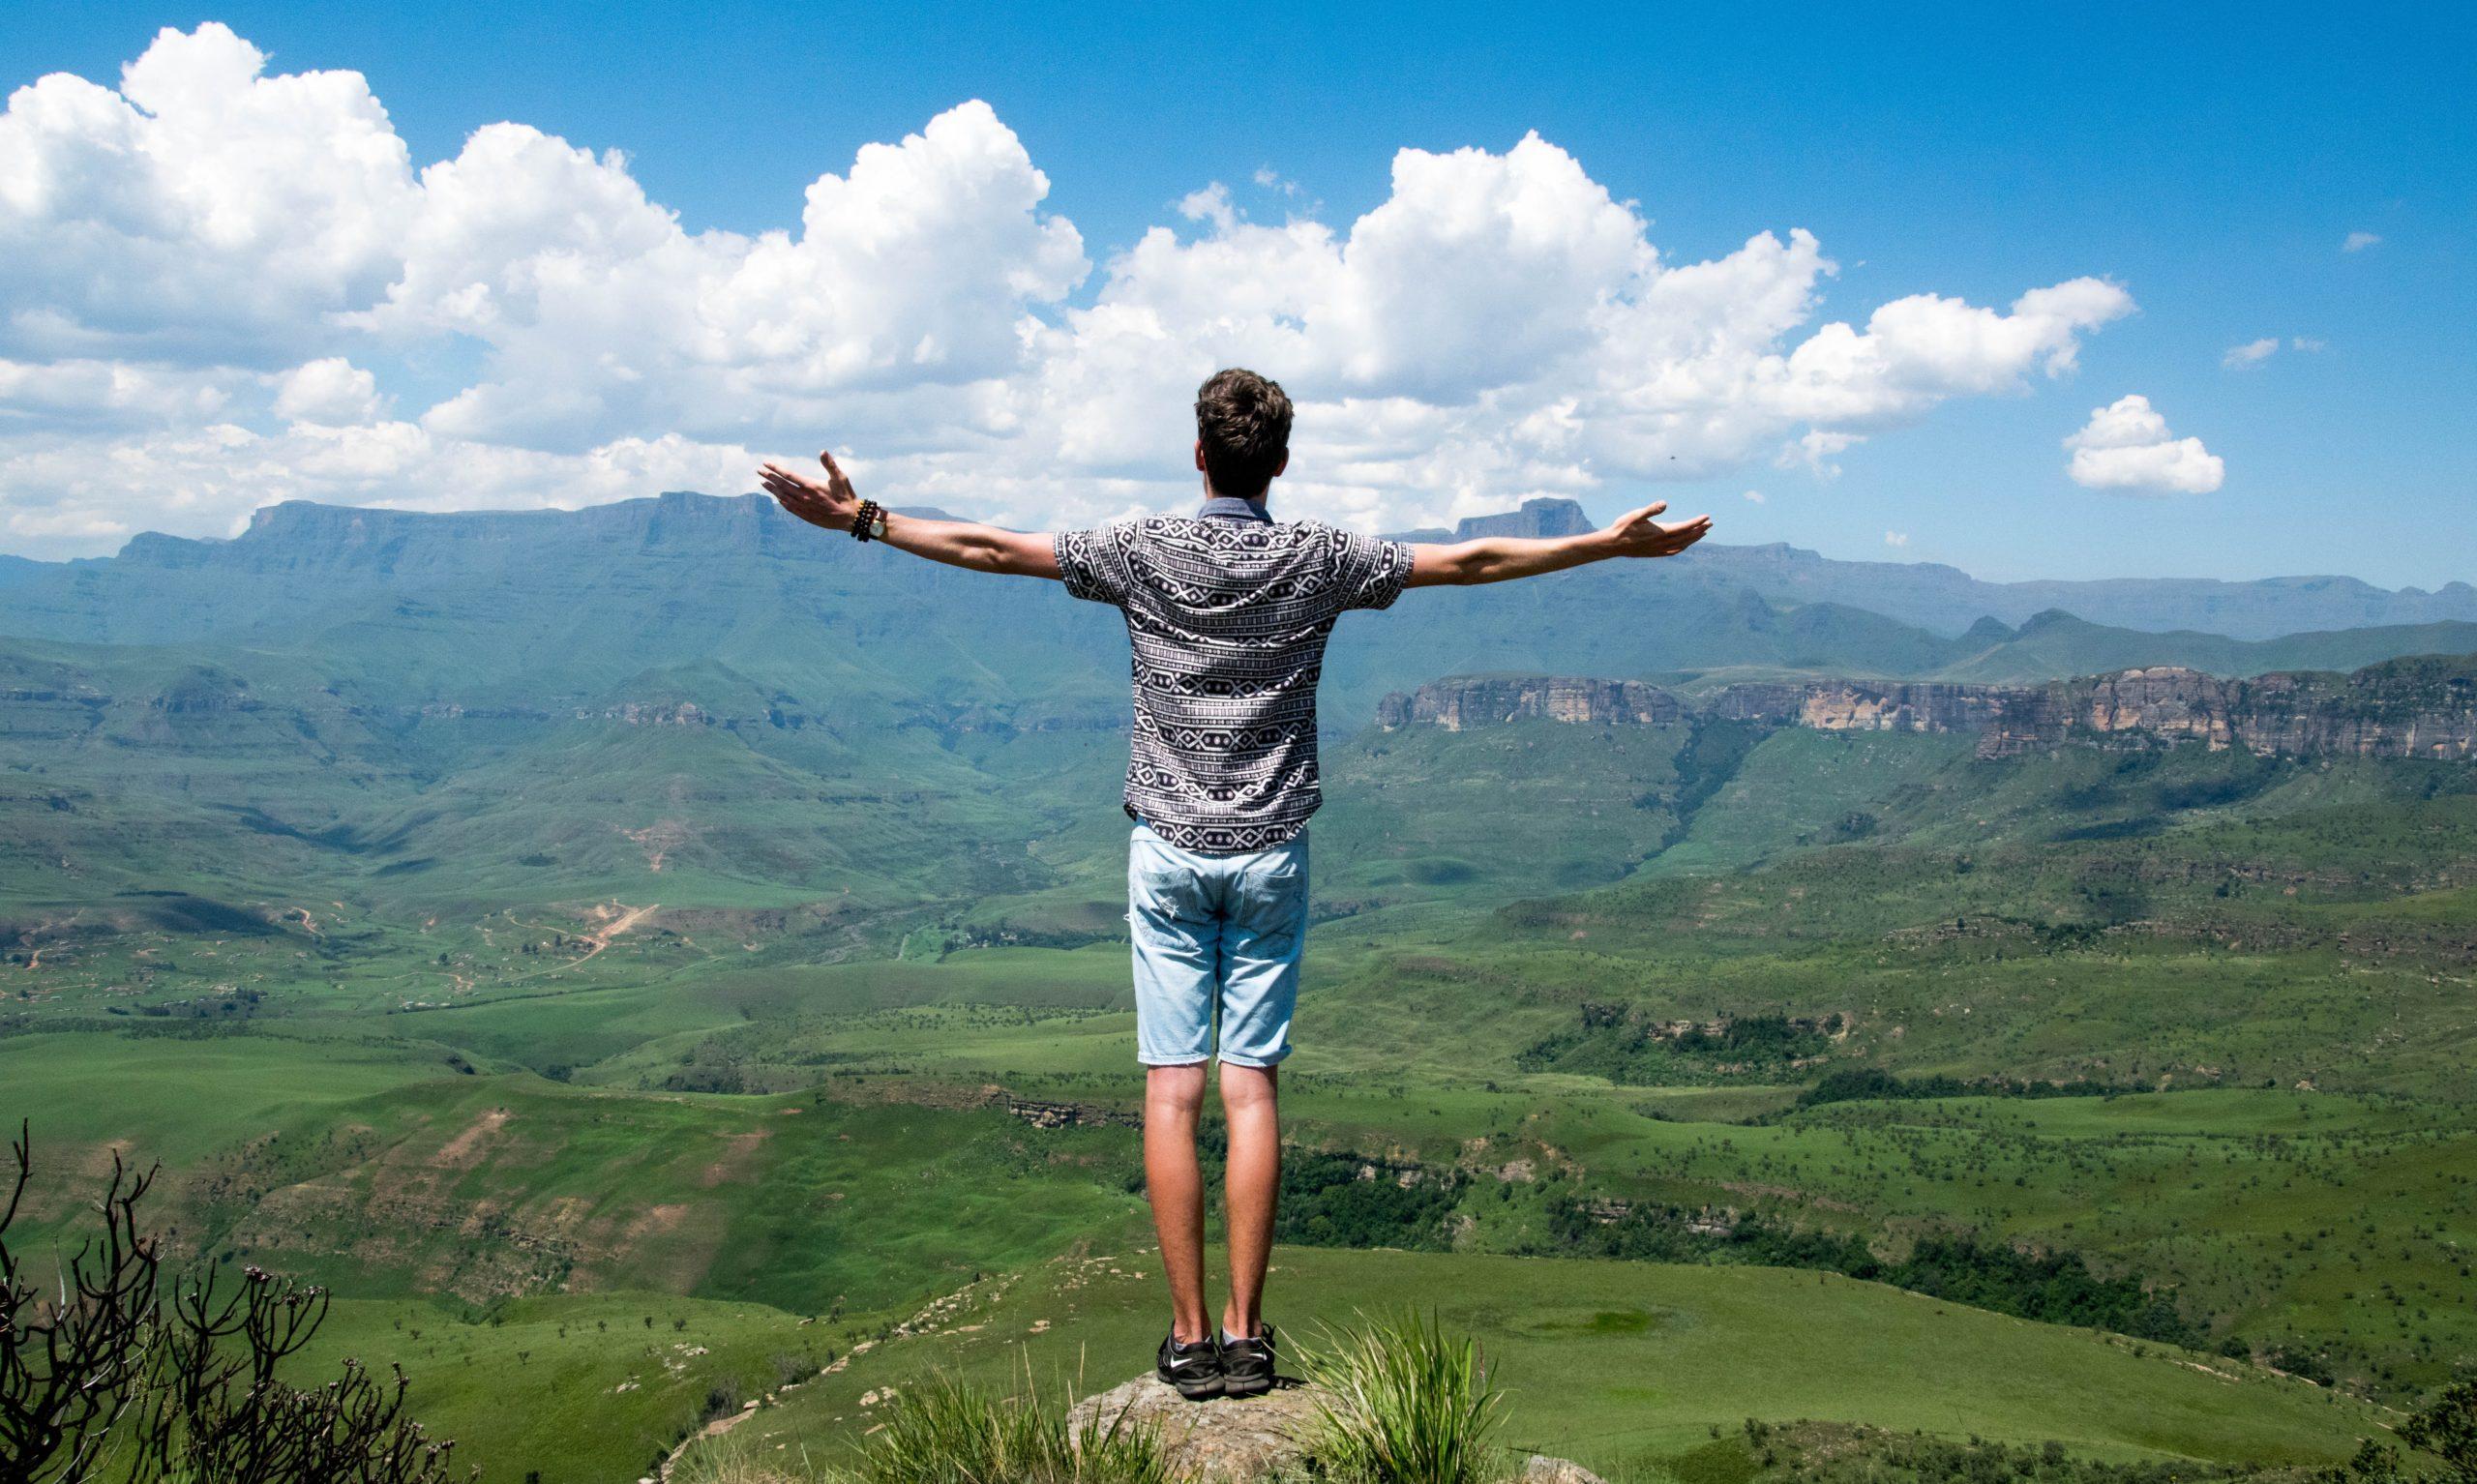 【ニート向け】就職が怖いときの克服方法5選【就職前に自信をつける】